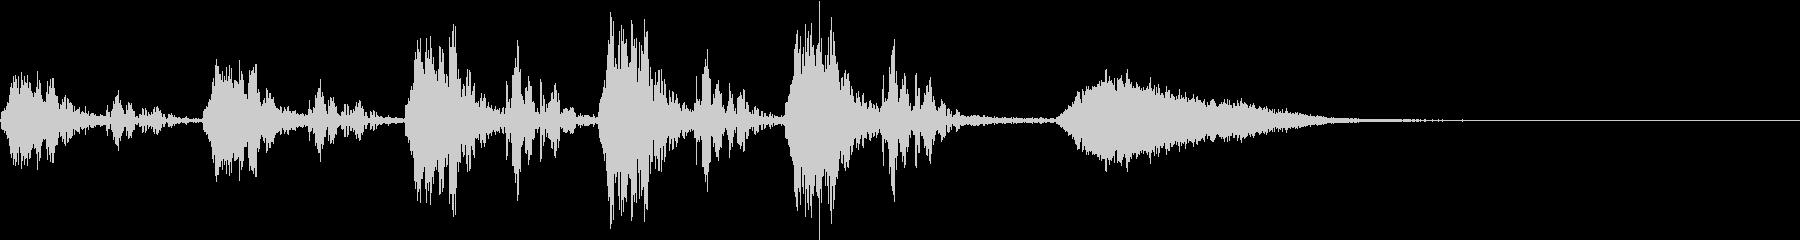 心臓の鼓動音とオーケストラ~失敗編~の未再生の波形